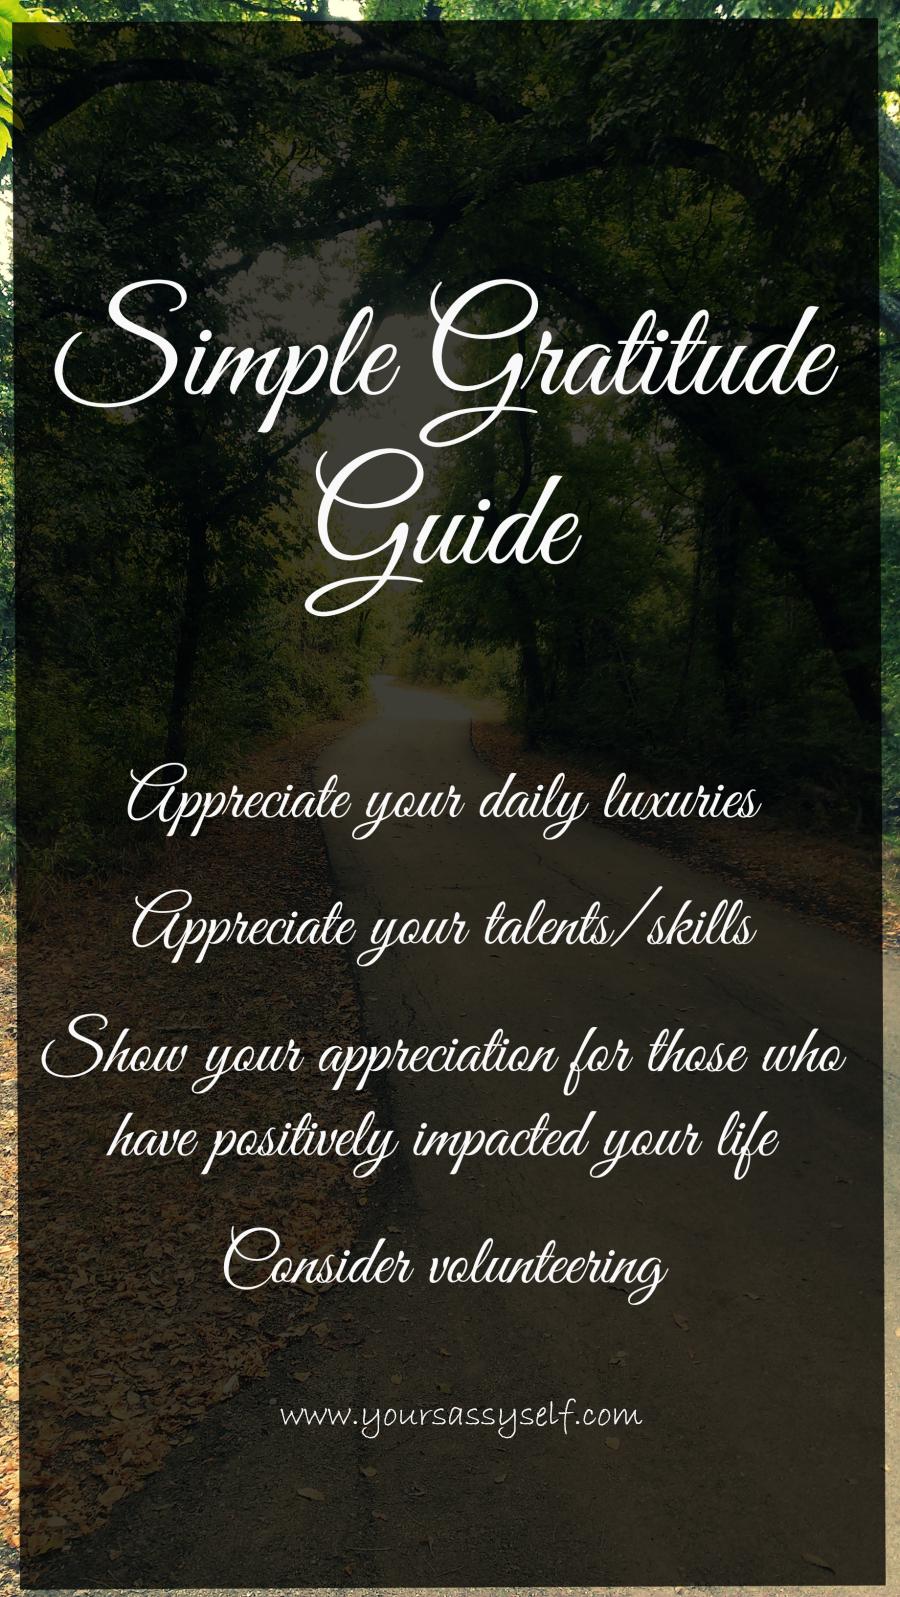 GratitudeGuide-yoursassyself